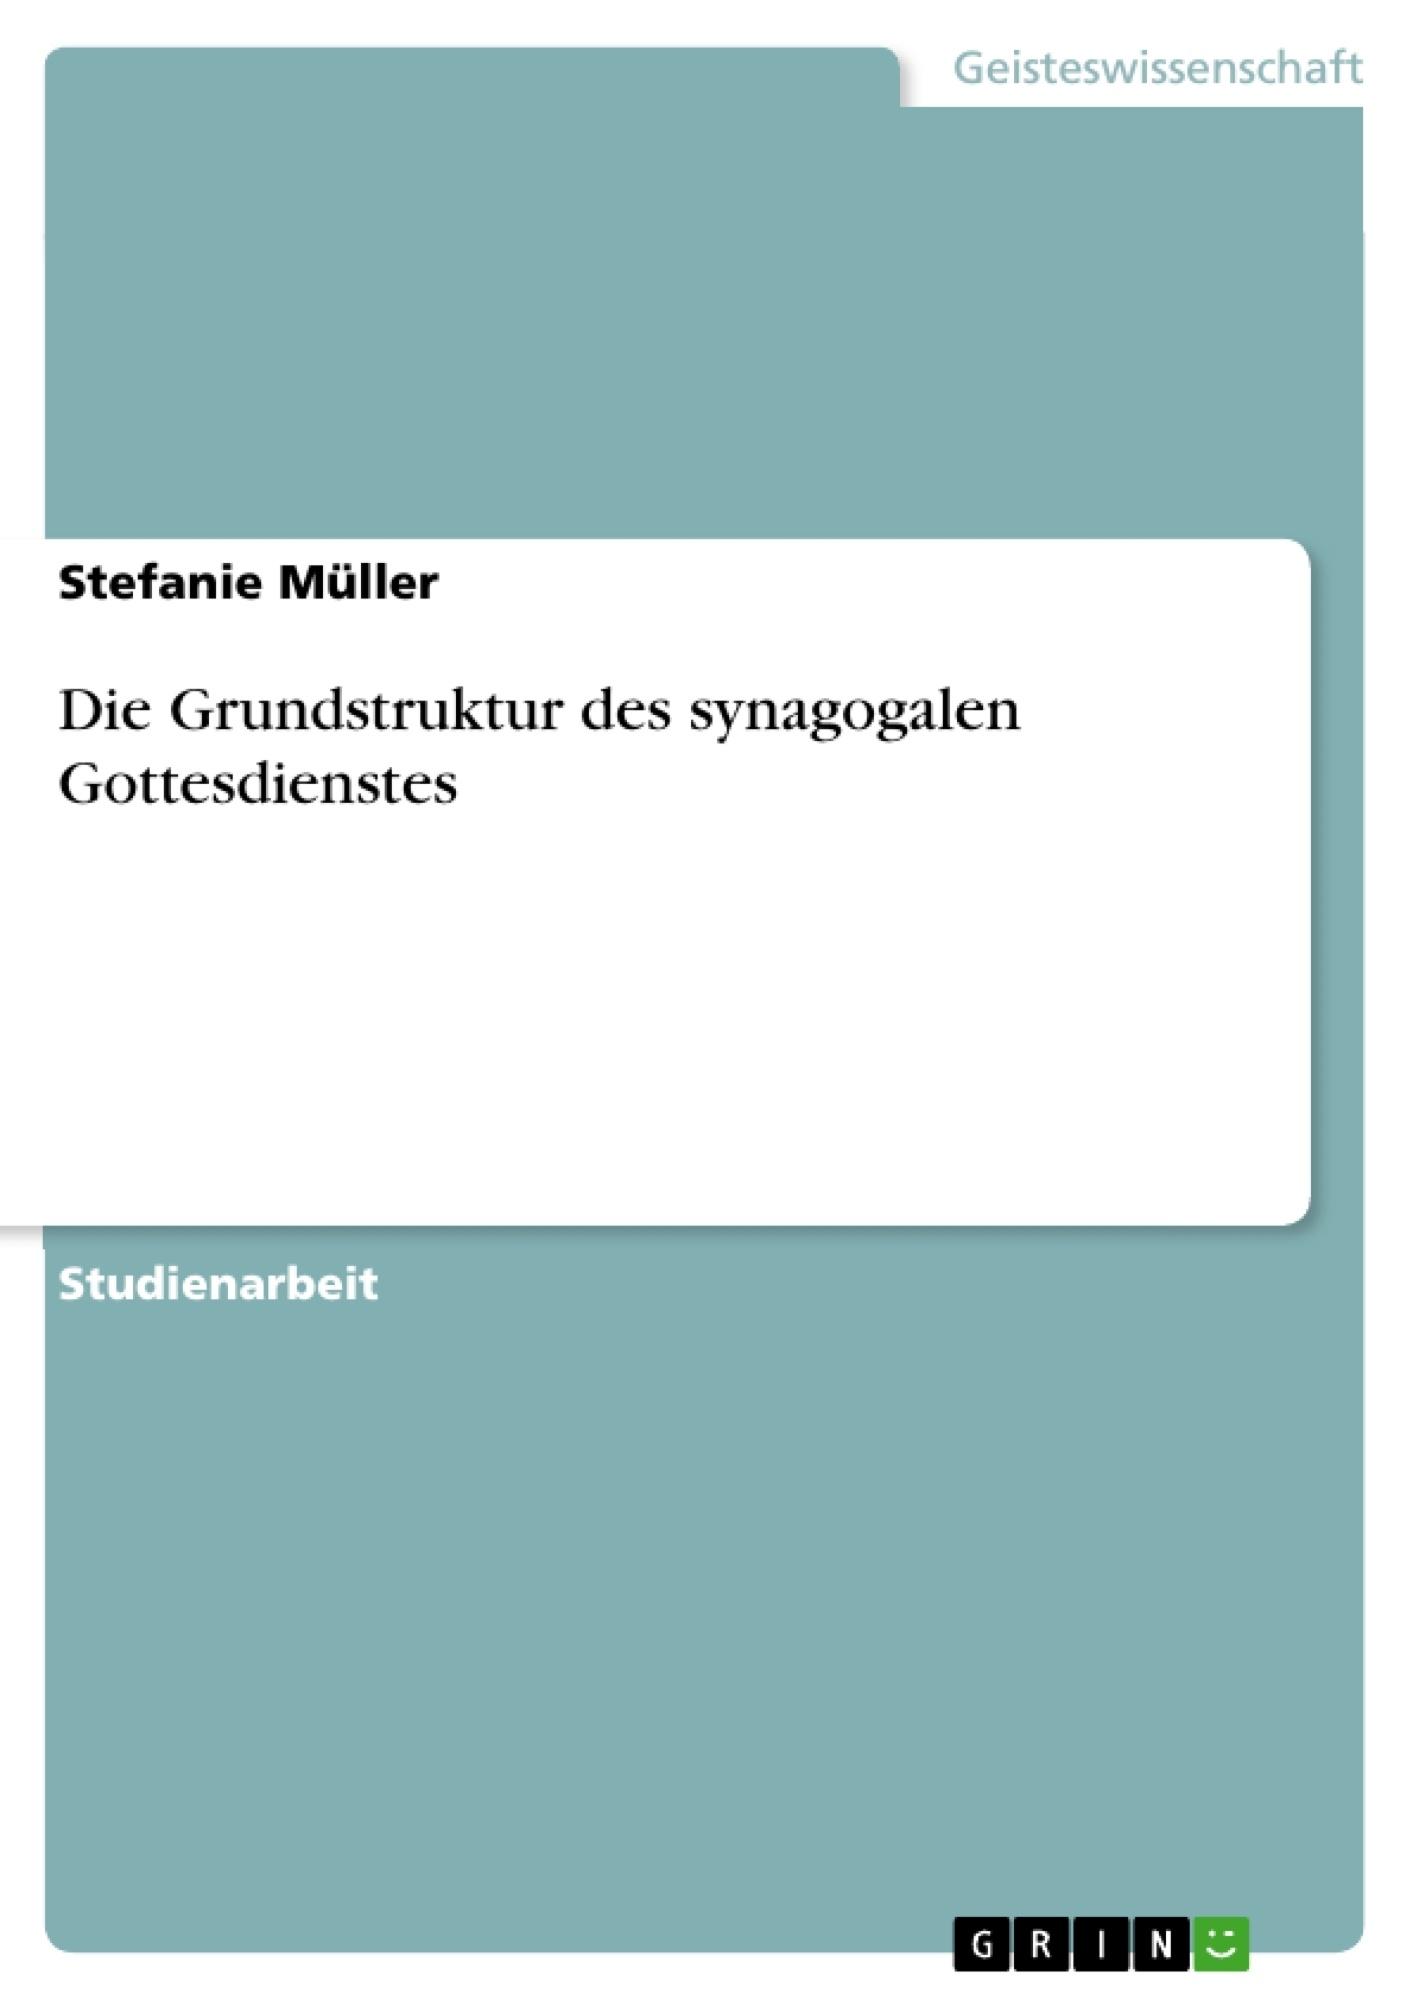 Titel: Die Grundstruktur des synagogalen Gottesdienstes